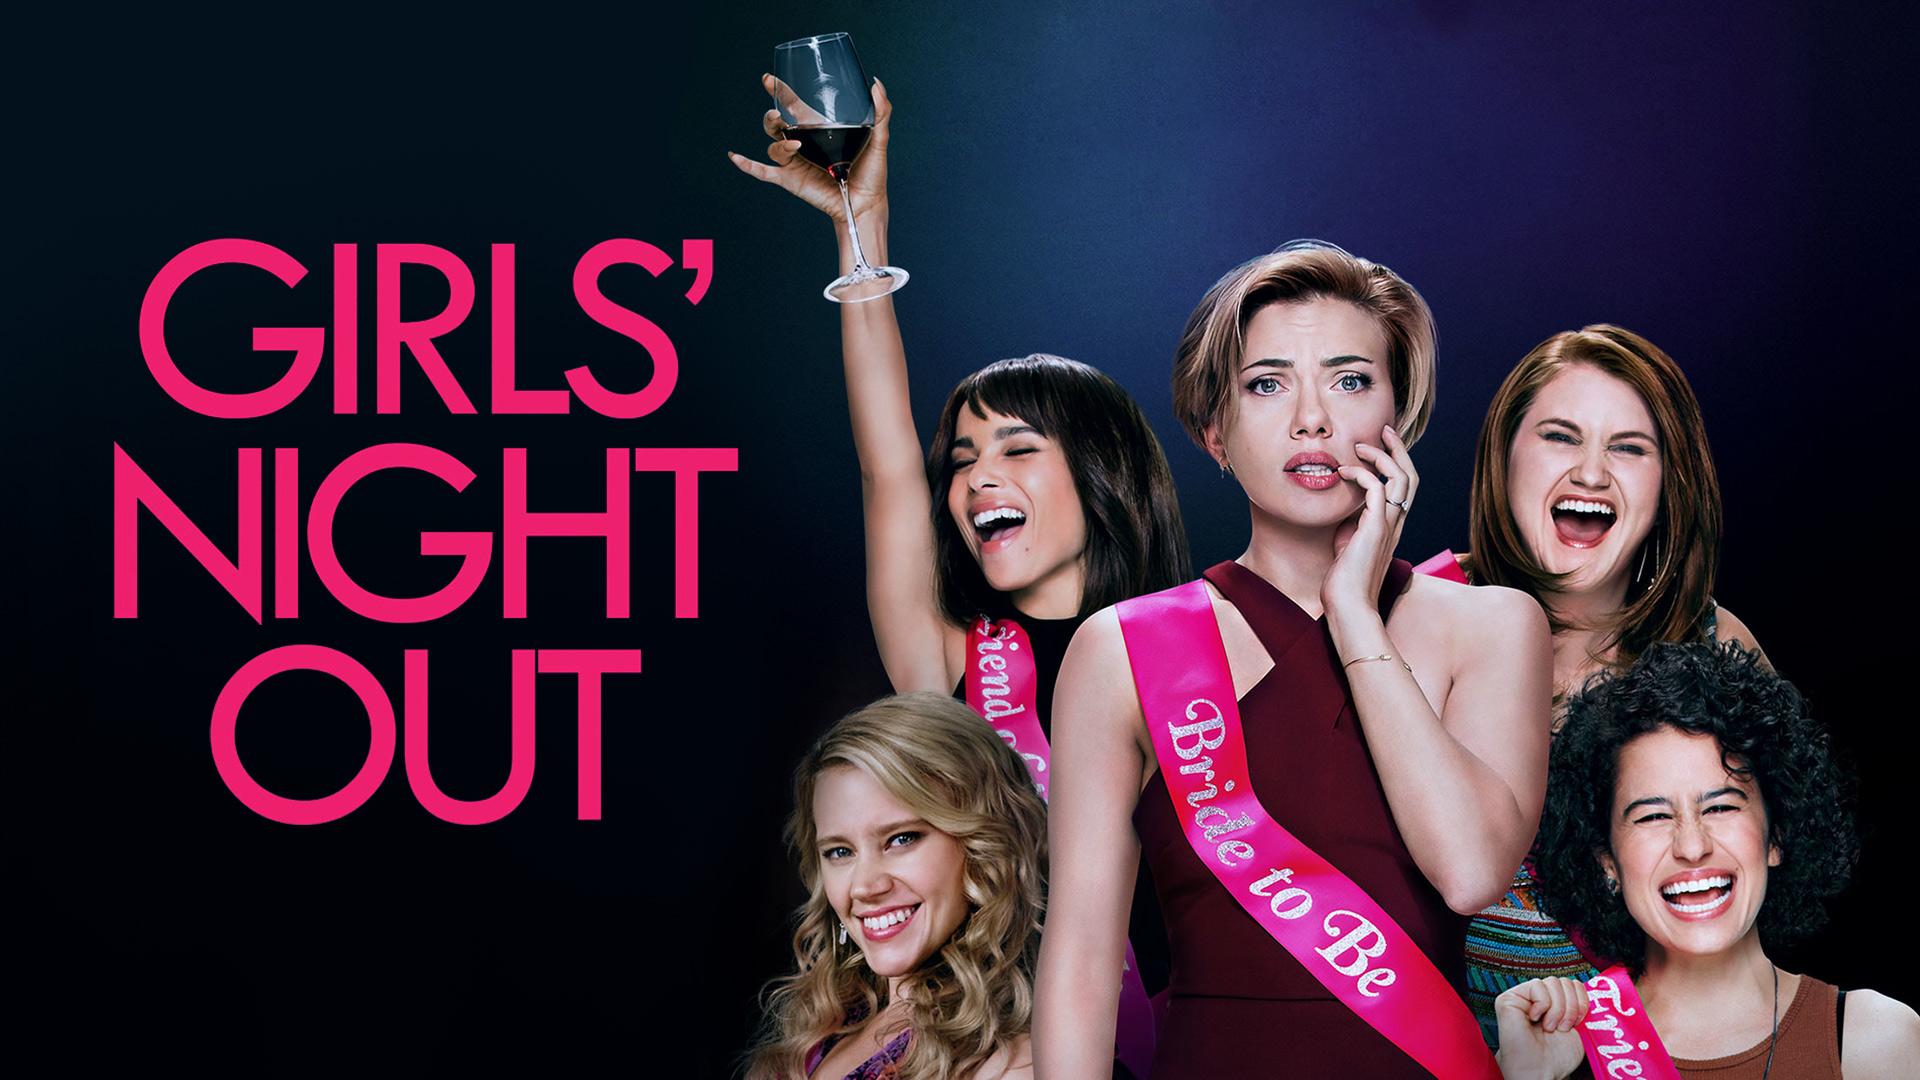 Girls' Night Out (4K UHD)